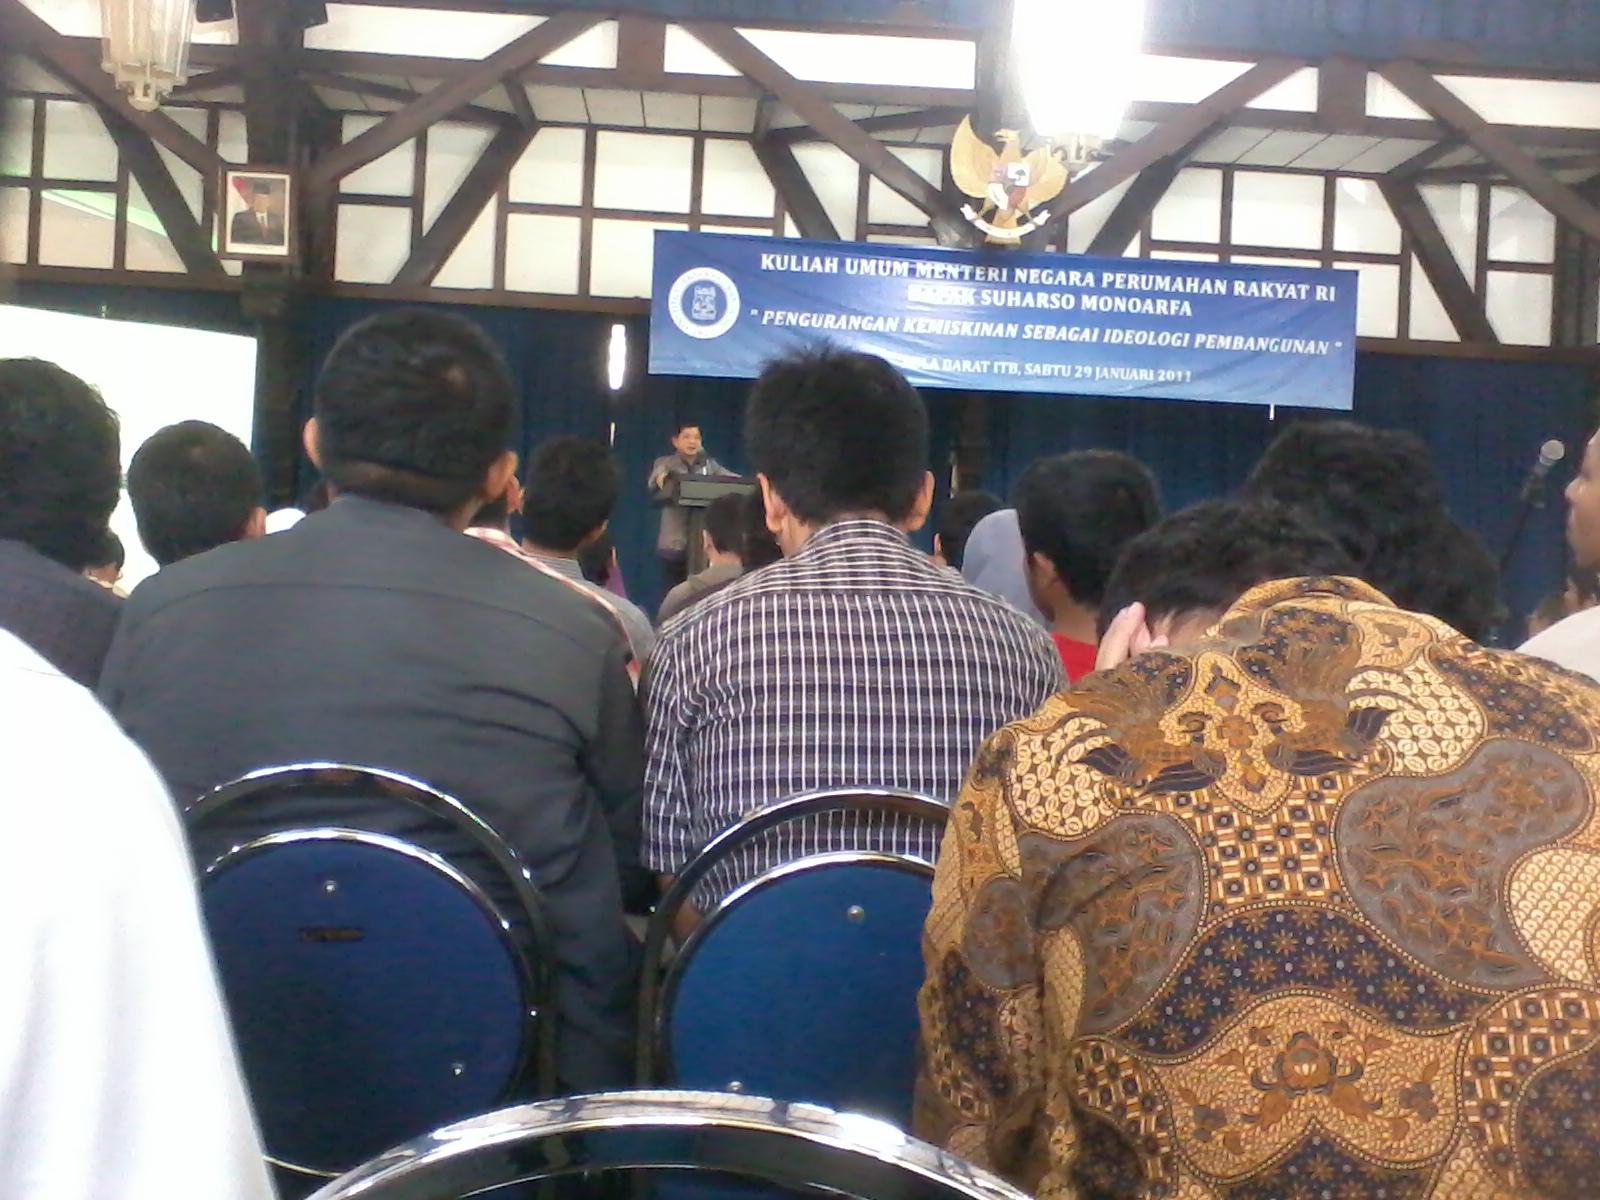 Suasana Kuliah SG